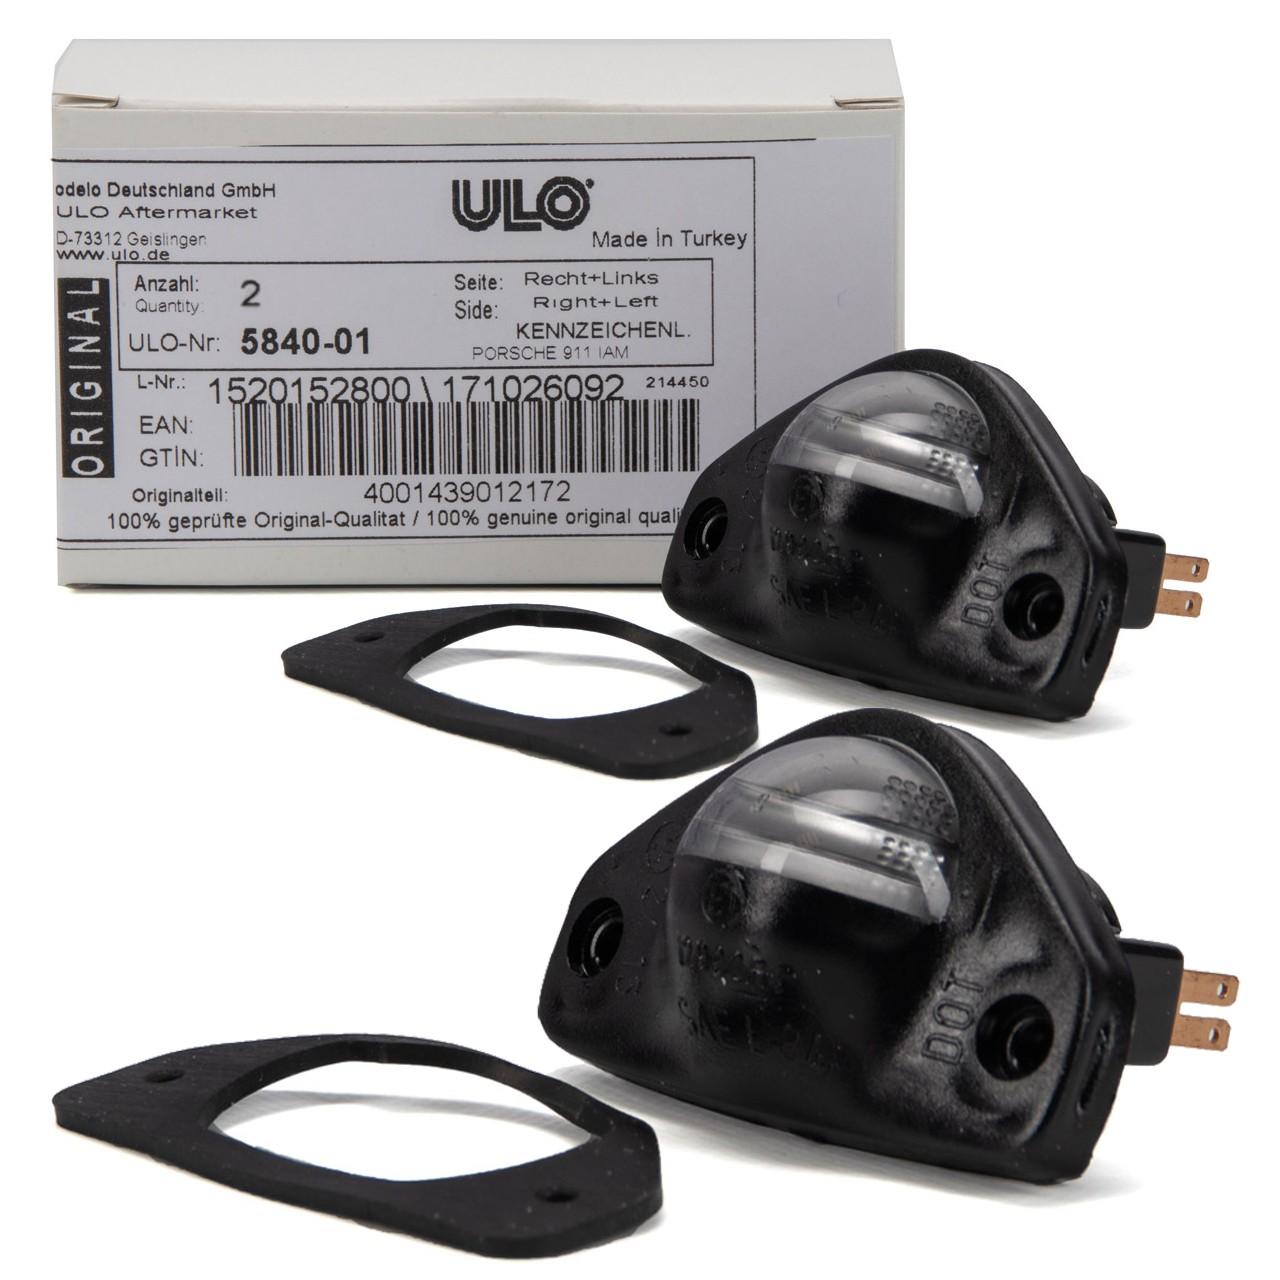 2x ULO Kennzeichenleuchte Nummernschildbeleuchtung für PORSCHE 911 1963-1990